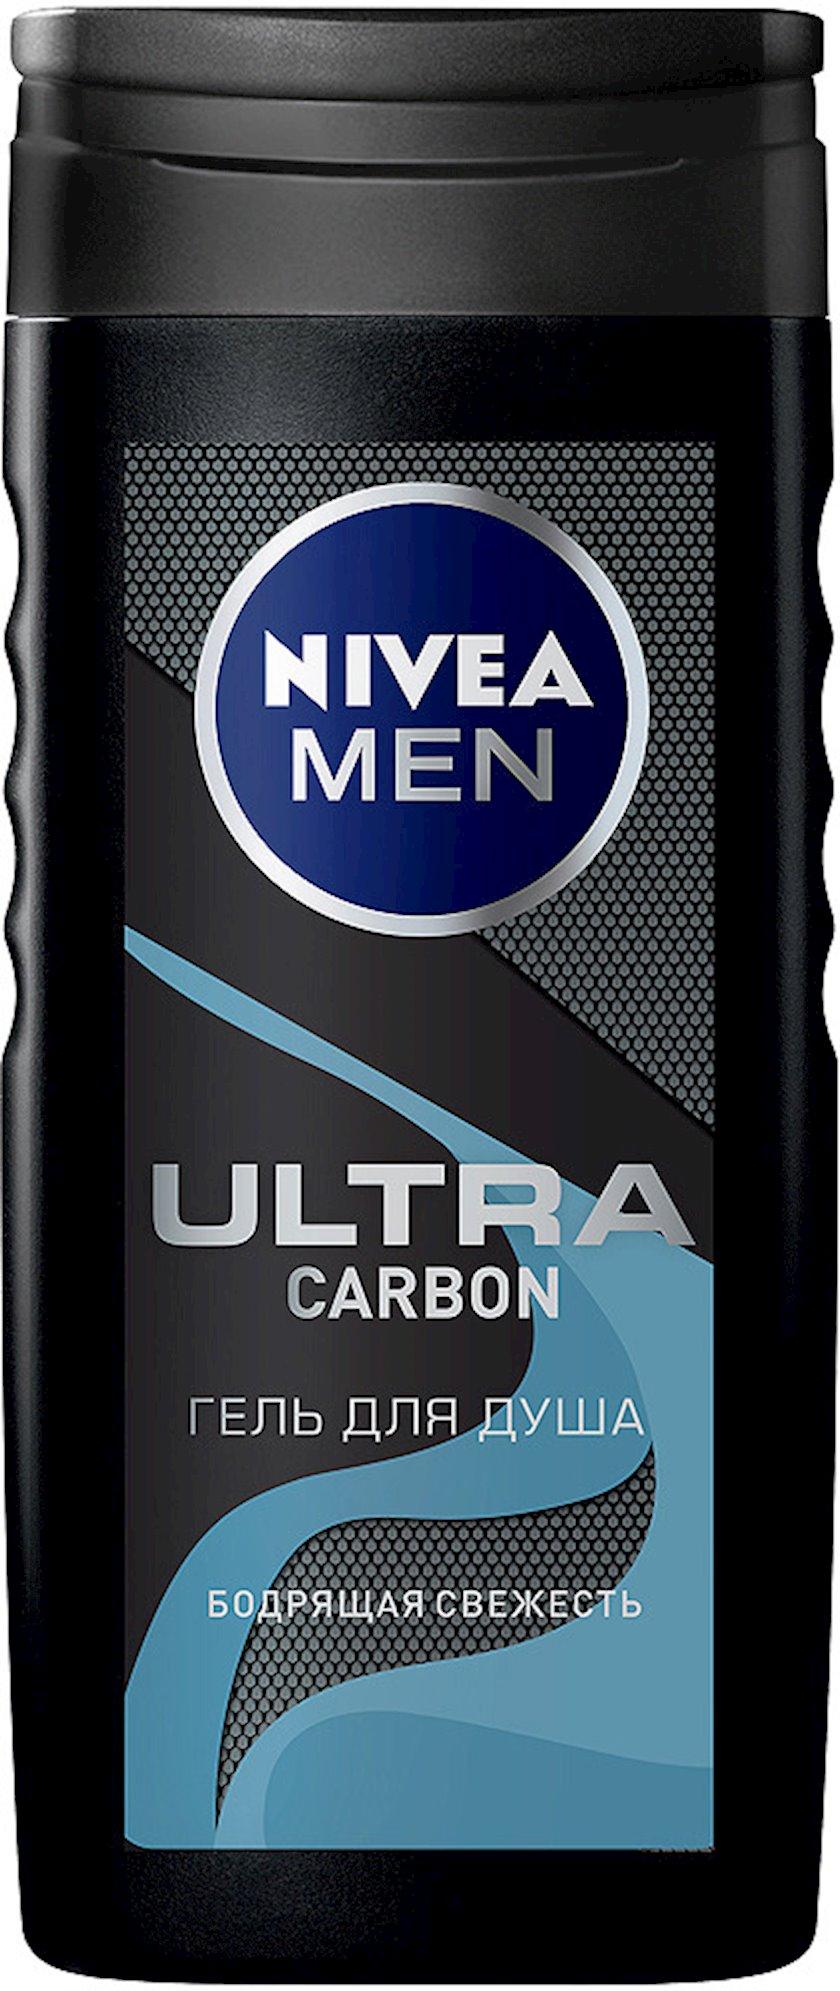 Duş üçün gel Nivea Men Ultra Carbon kişilər üçün daş duzu ilə 250 ml